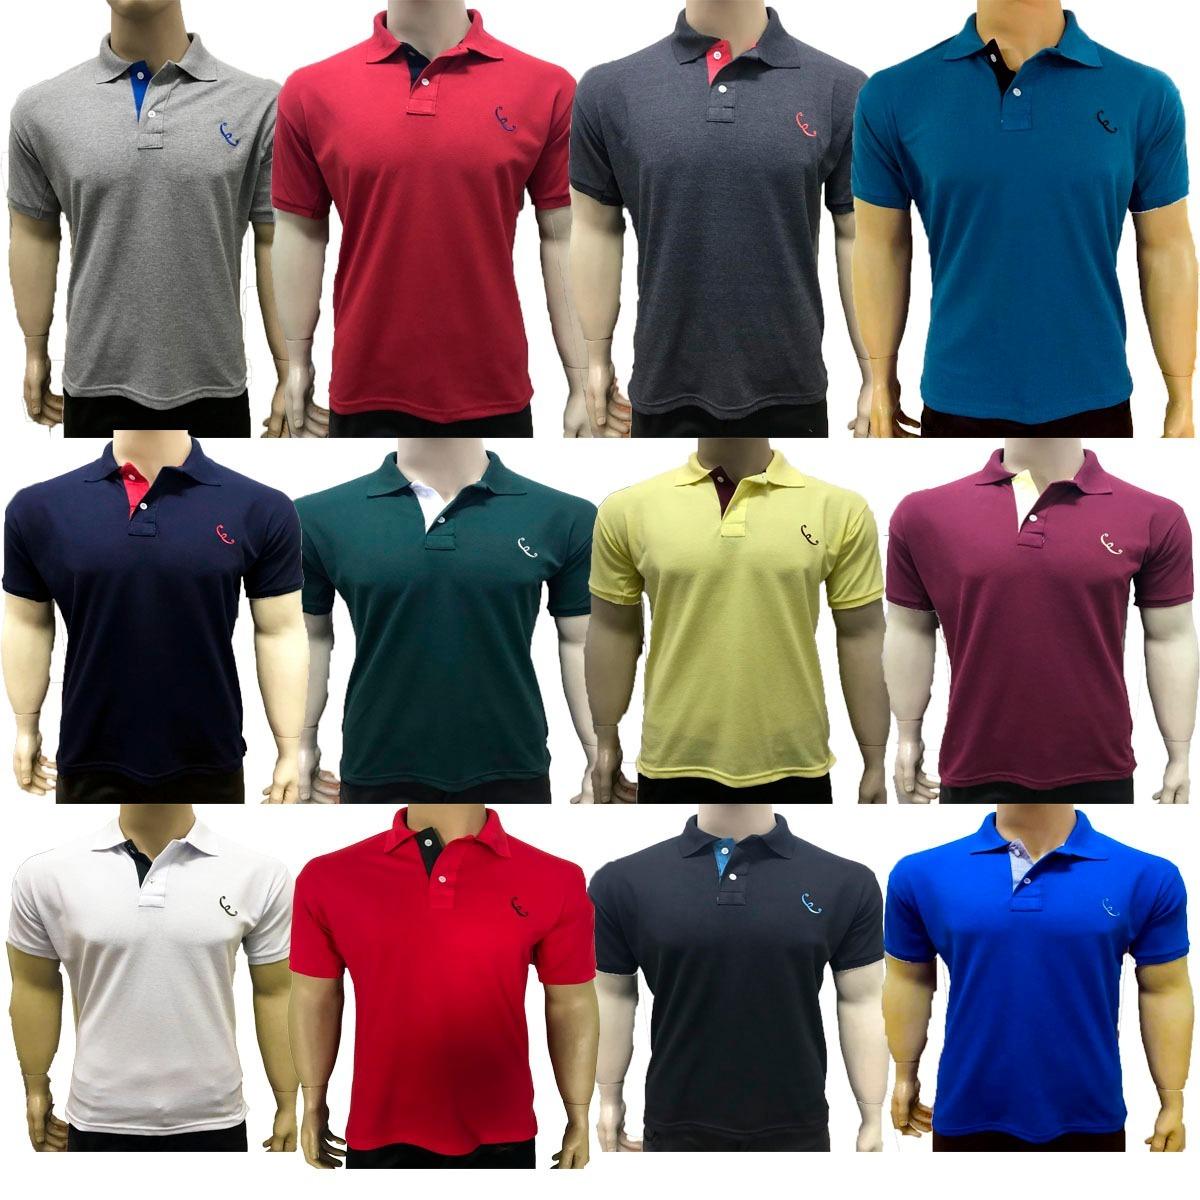 f9e9cadd79 kit 10 camisas polo luxo camisetas masculinas atacado. Carregando zoom.